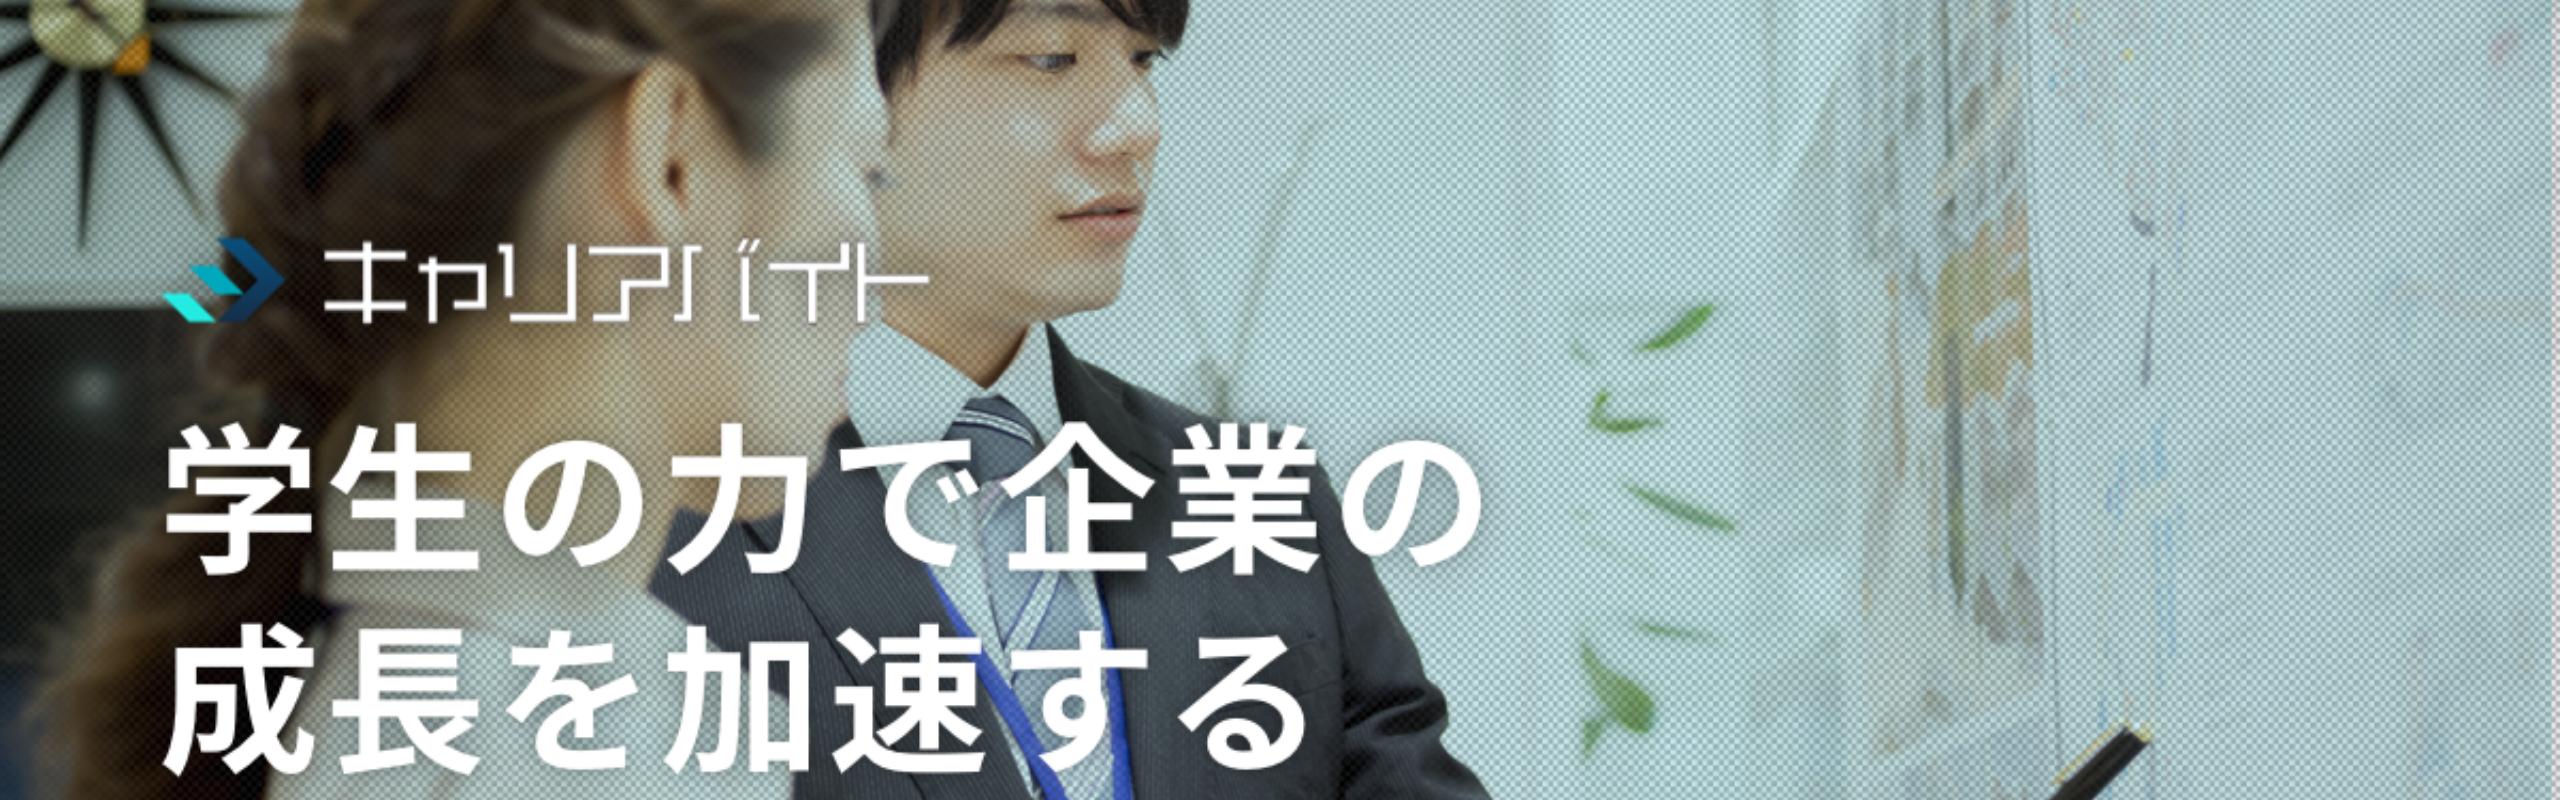 株式会社ピアズ様インタビュー